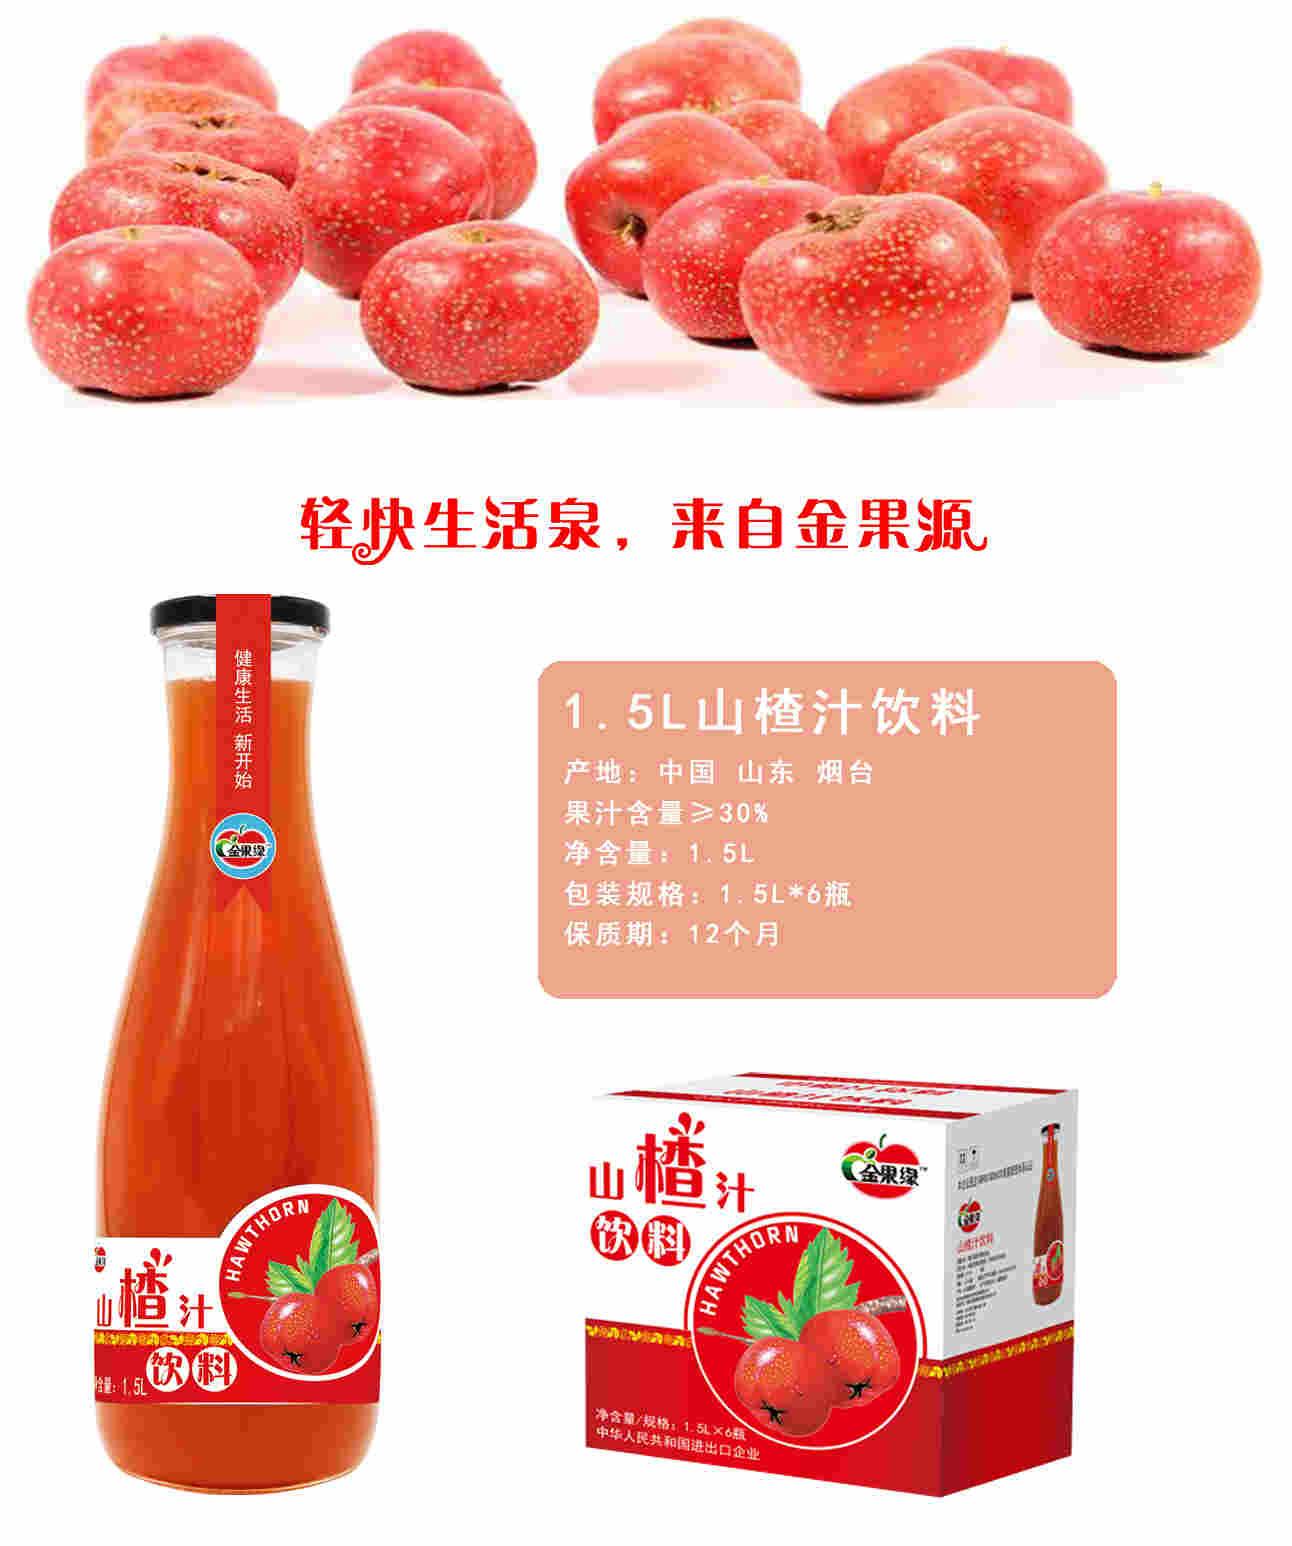 栖霞知名山楂果汁全国发货,山楂果汁